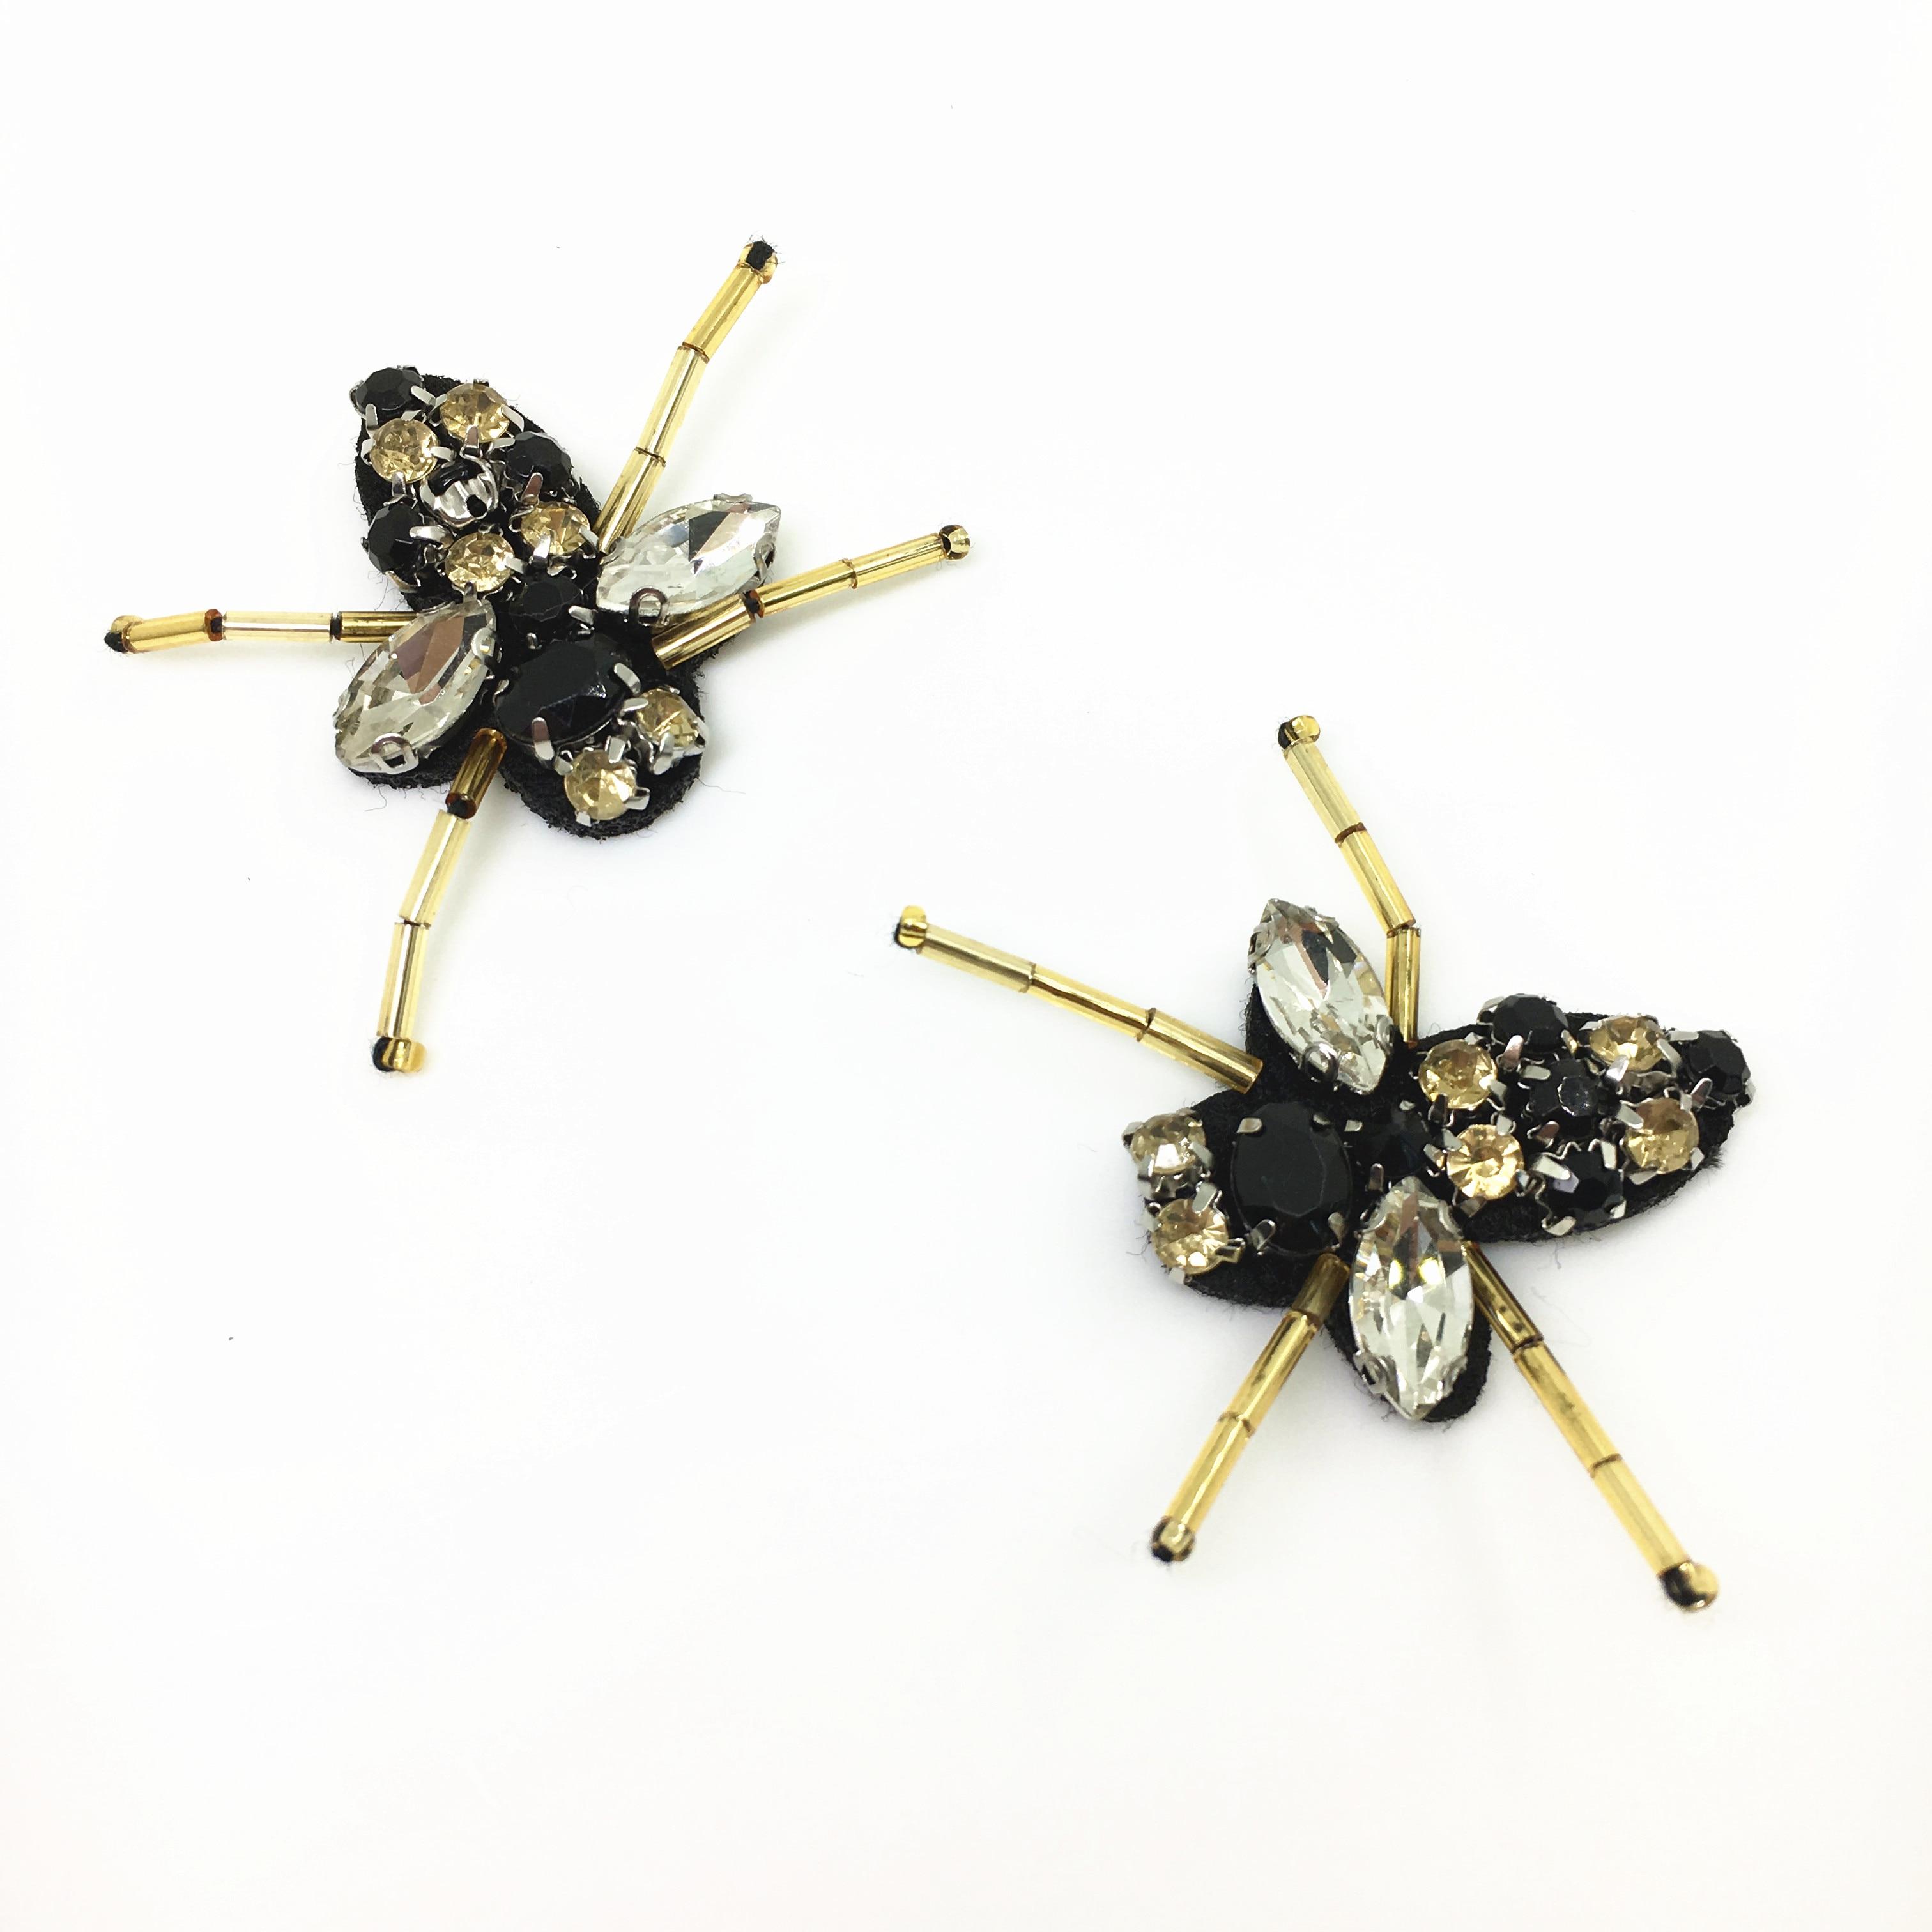 20pc Sy på Beaded Patch Crystal Bee Applique Patches För Klädskor - Konst, hantverk och sömnad - Foto 5